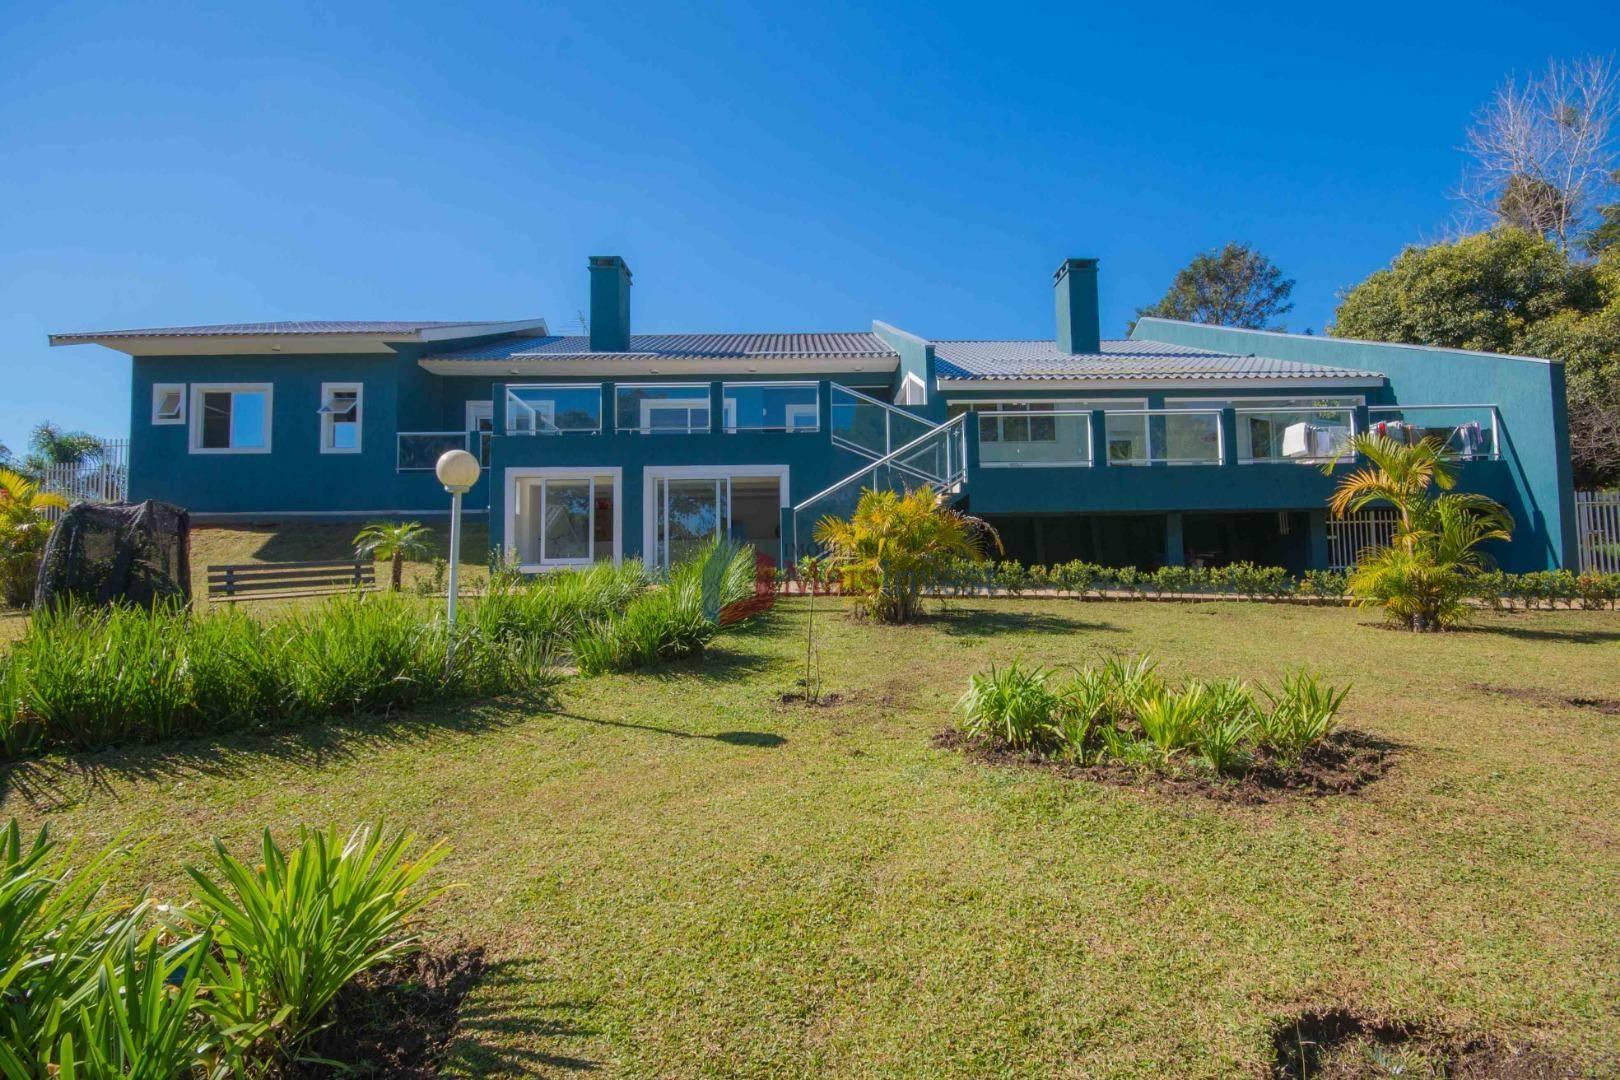 Casa com 5 dormitórios à venda, 450 m² por R$ 2.590.000 - Jardim Menino Deus - Quatro Barras/PR